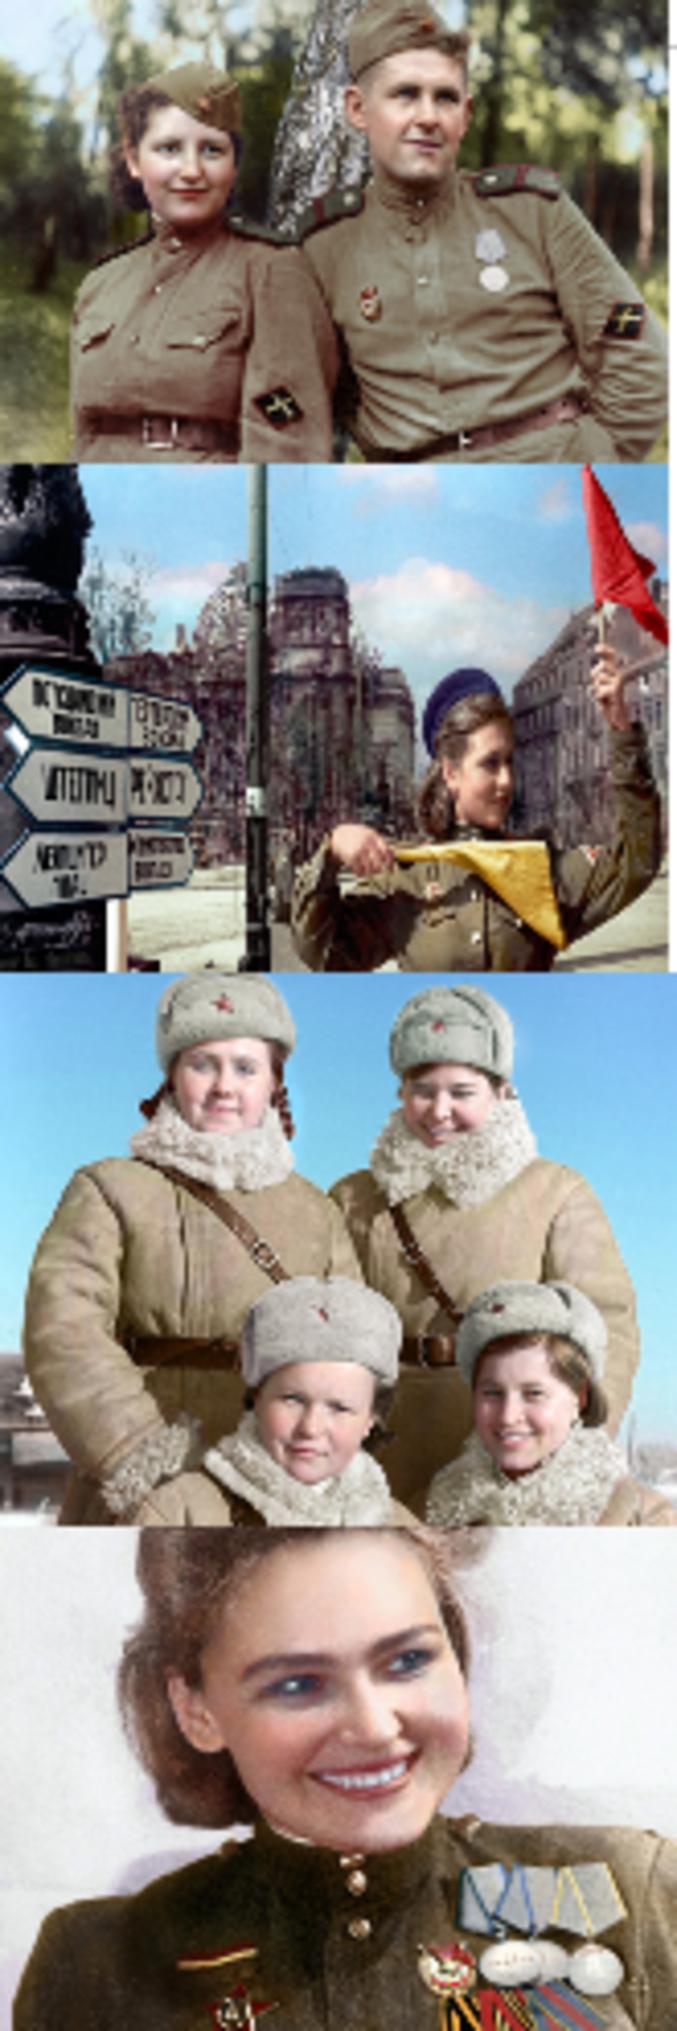 T.A.C. : Total Abruti Consanguin. Jeunes bonasses soviétiques de la seconde guerre mondiale chaudes de l'idéologie près de chez toi !!!  (source : propagande poutinienne je suppose : https://fr.rbth.com/multimedia/pictures/2016/05/06/les-heros-de-la-seconde-guerre-mondiale-en-couleur_590953)